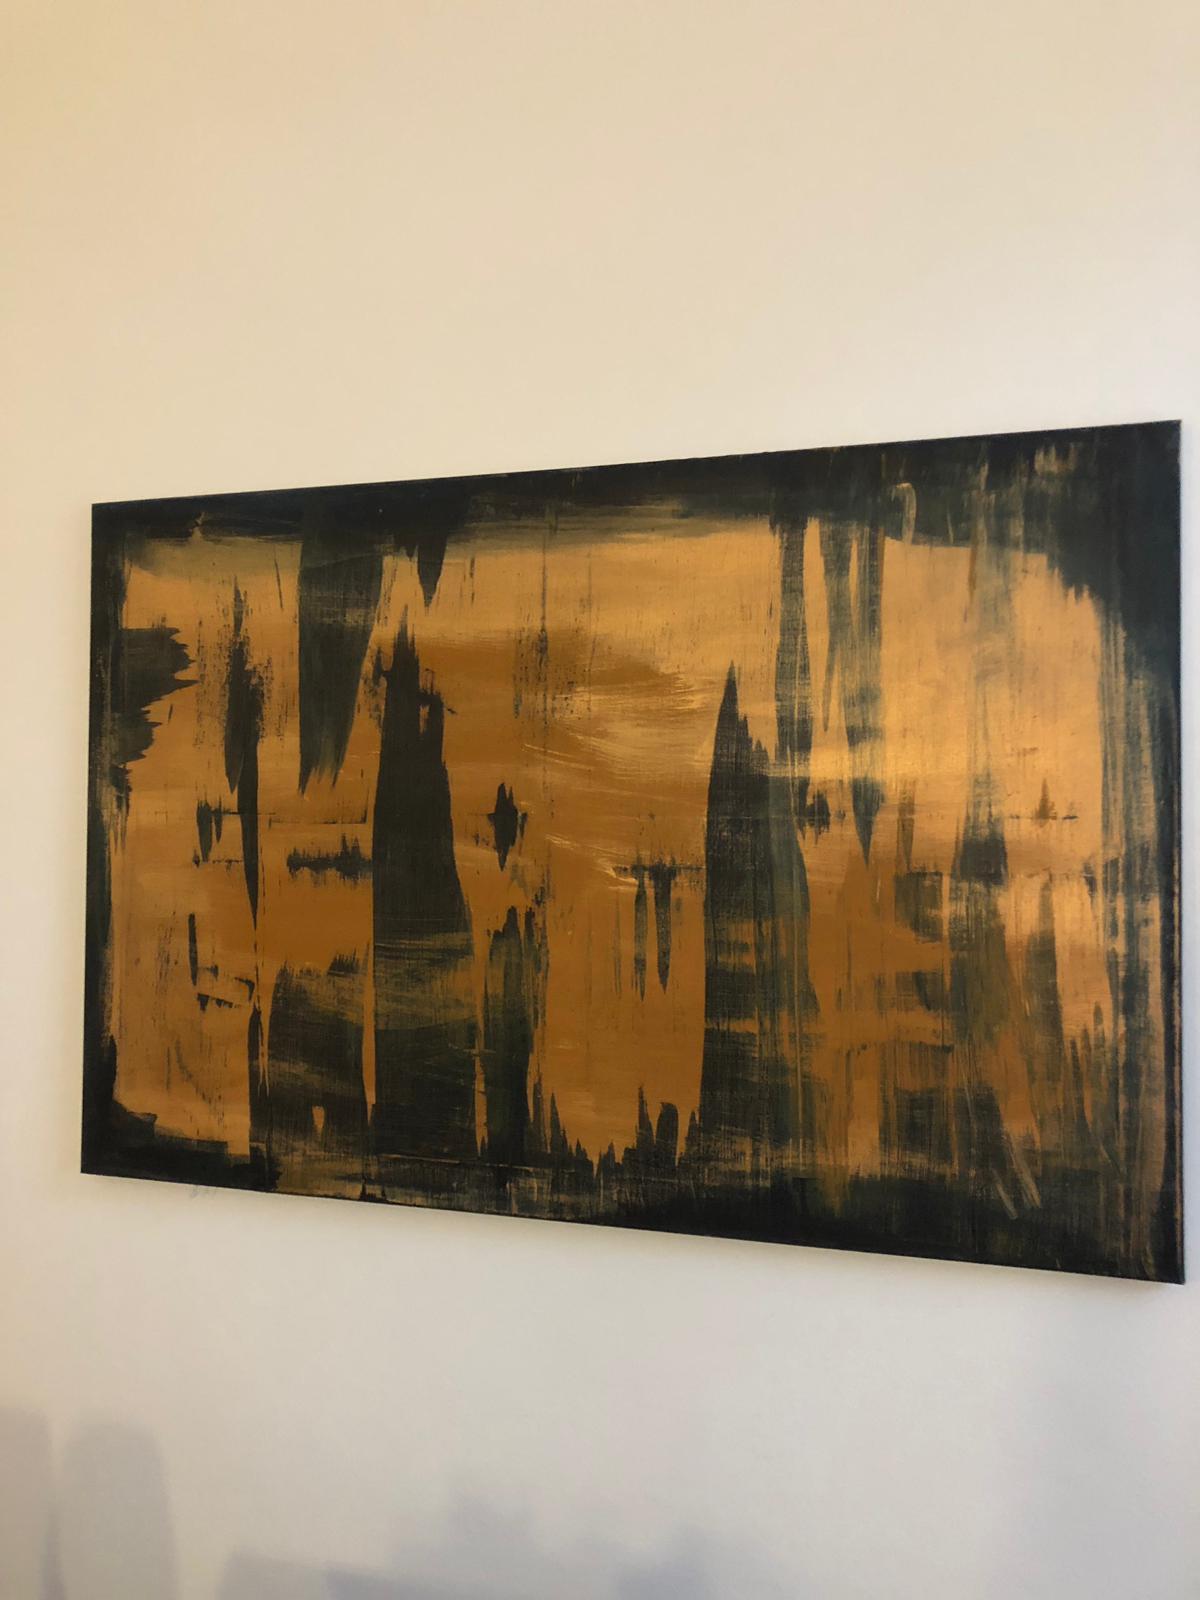 Bild von Gudrun Reisinger im Wert von 900 Euro